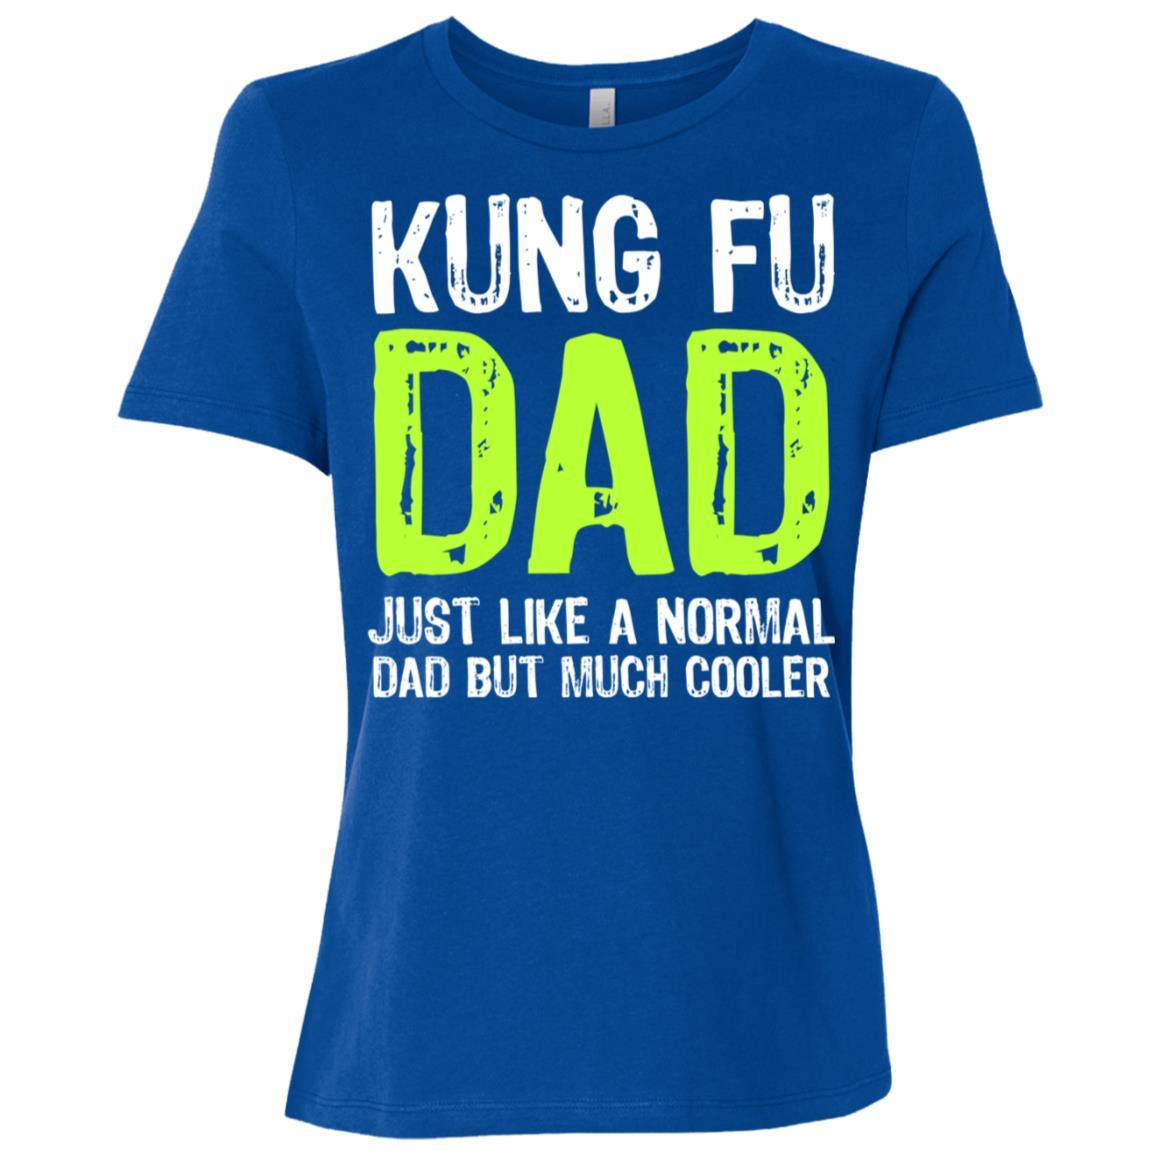 Kung Fu Dad But Much Cooler Hobbyist s-1 Women Short Sleeve T-Shirt